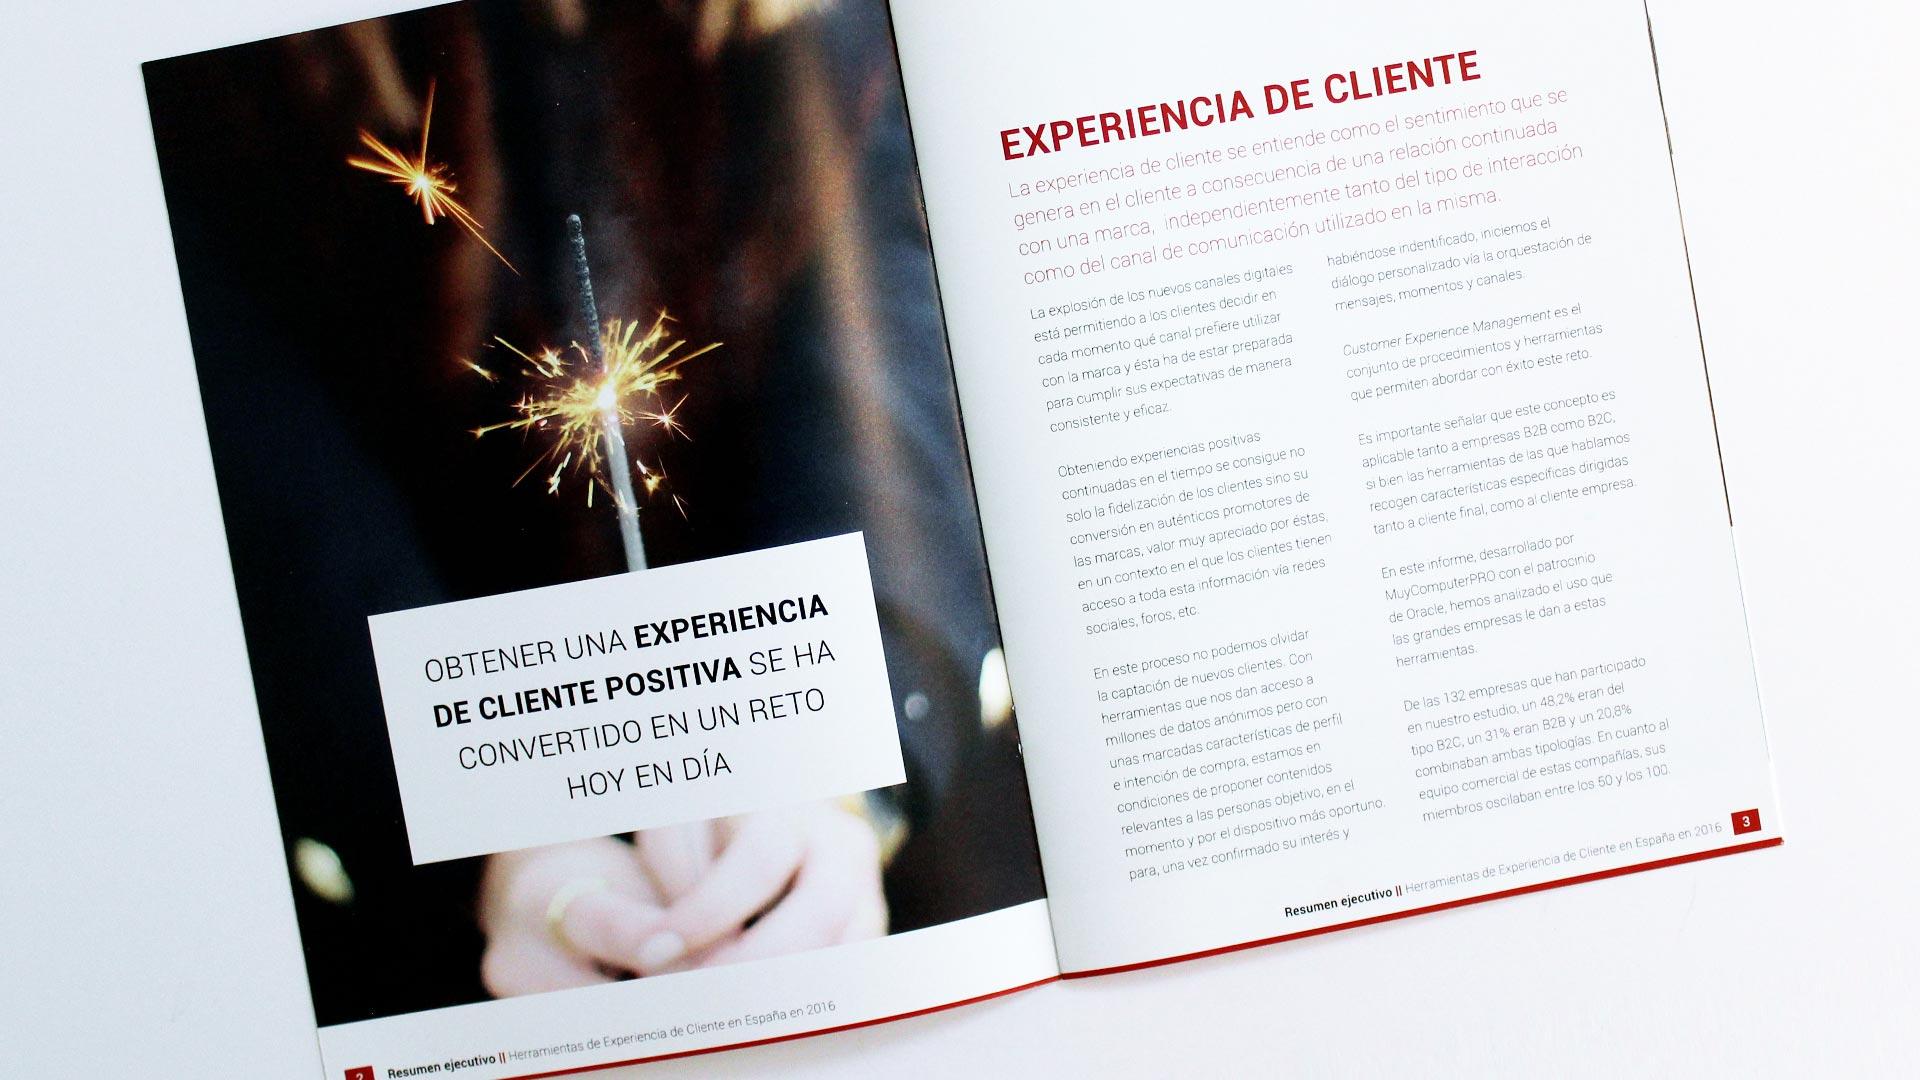 oracle-informe-ebook-content-marketing-evento-herramientas-experiencia-clienye-2016-03